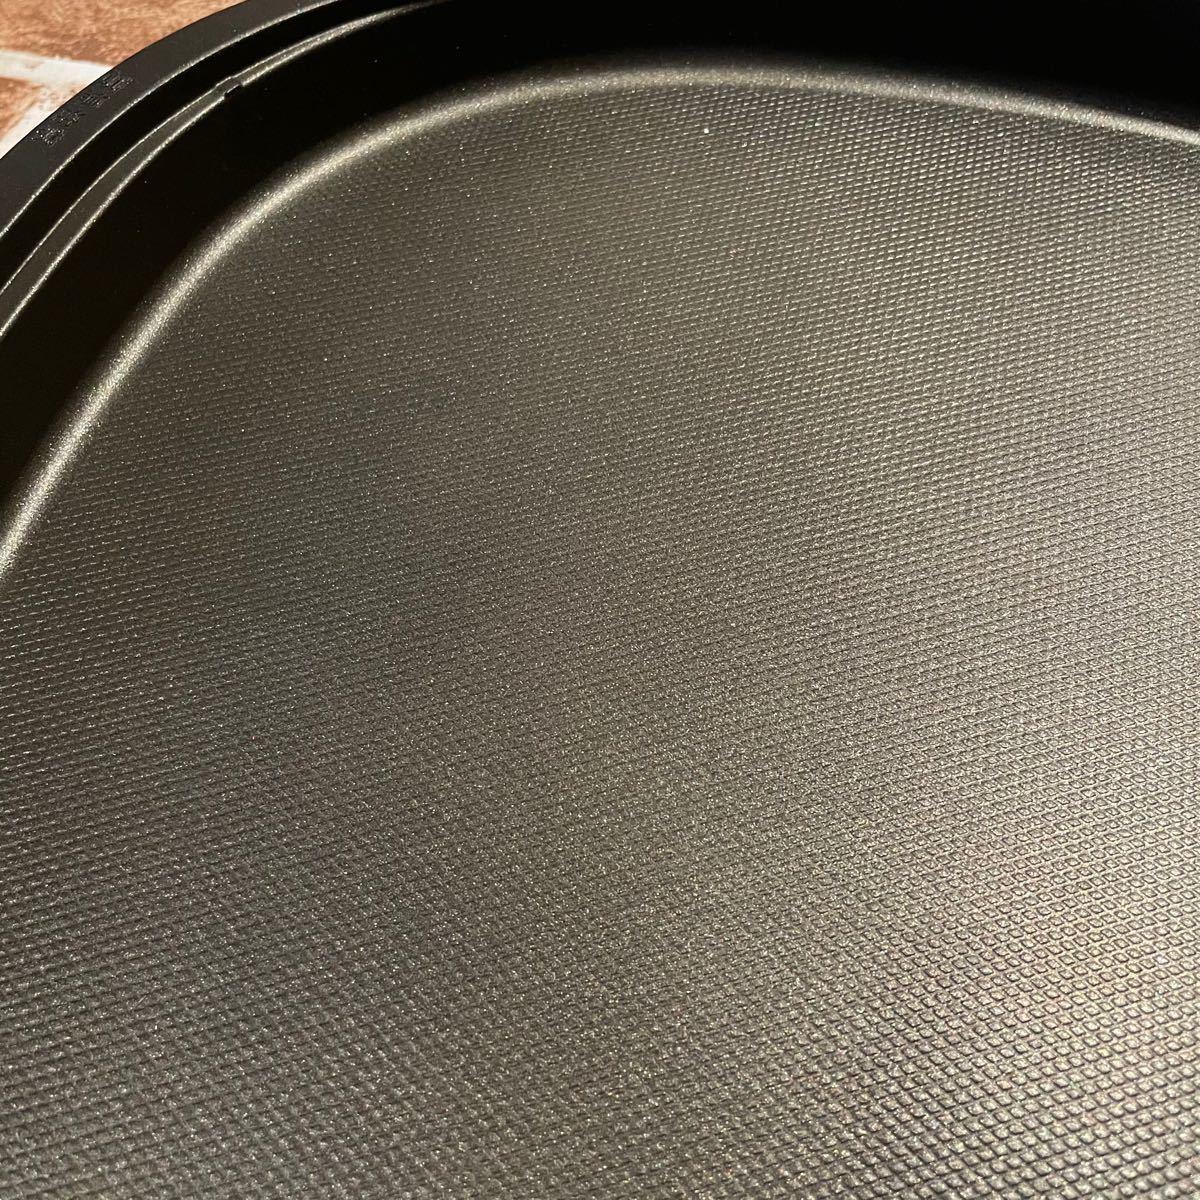 ホットプレート 象印ホットプレート ZOJIRUSHI 象印 焼肉プレート たこ焼き 3枚プレート